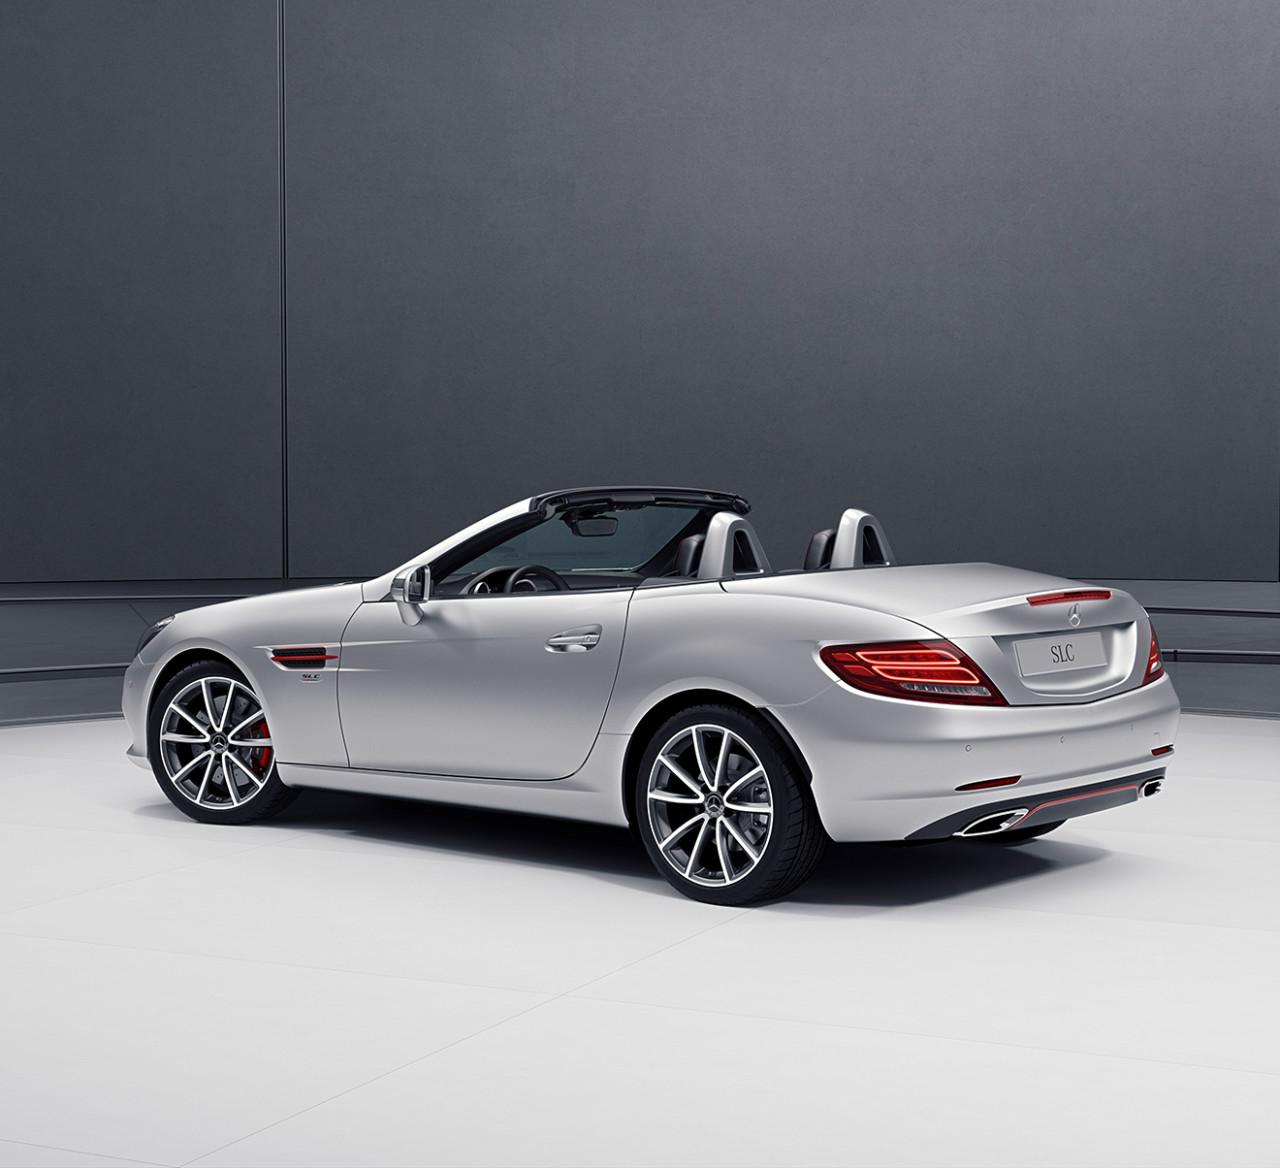 2017 Mercedes Benz Mercedes Amg Slc Suspension: Mercedes-Benz SL And SLC Models Get Designo And RedArt